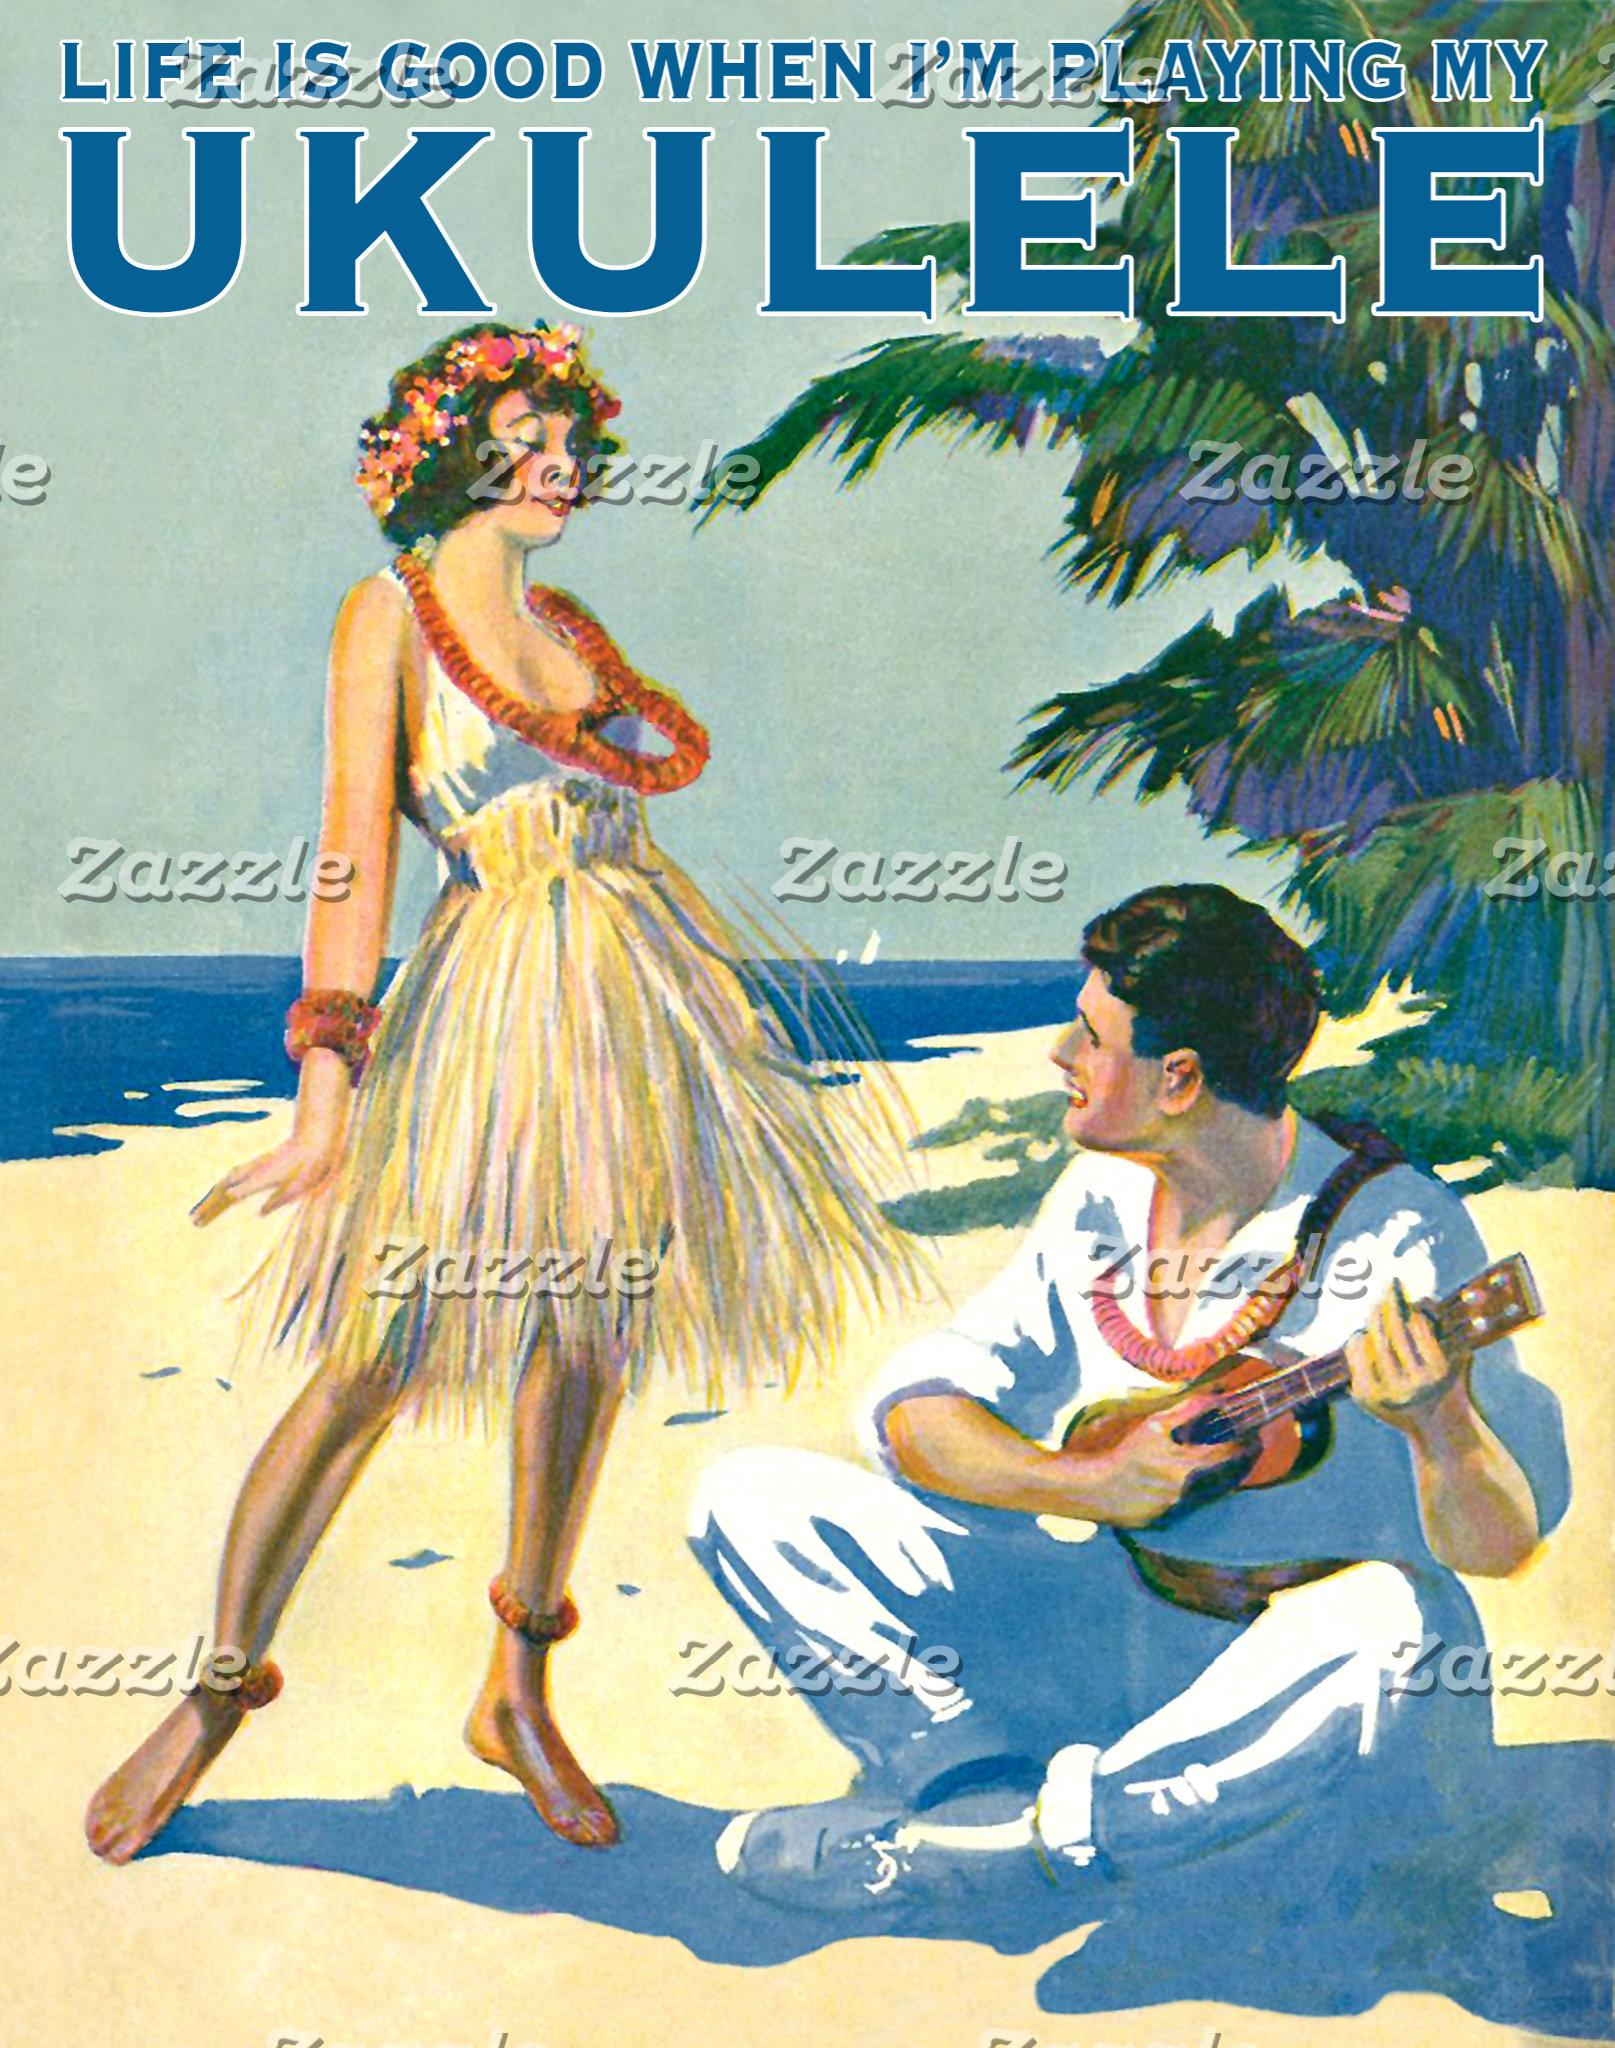 Life is good when I'm playing my Ukulele! #2